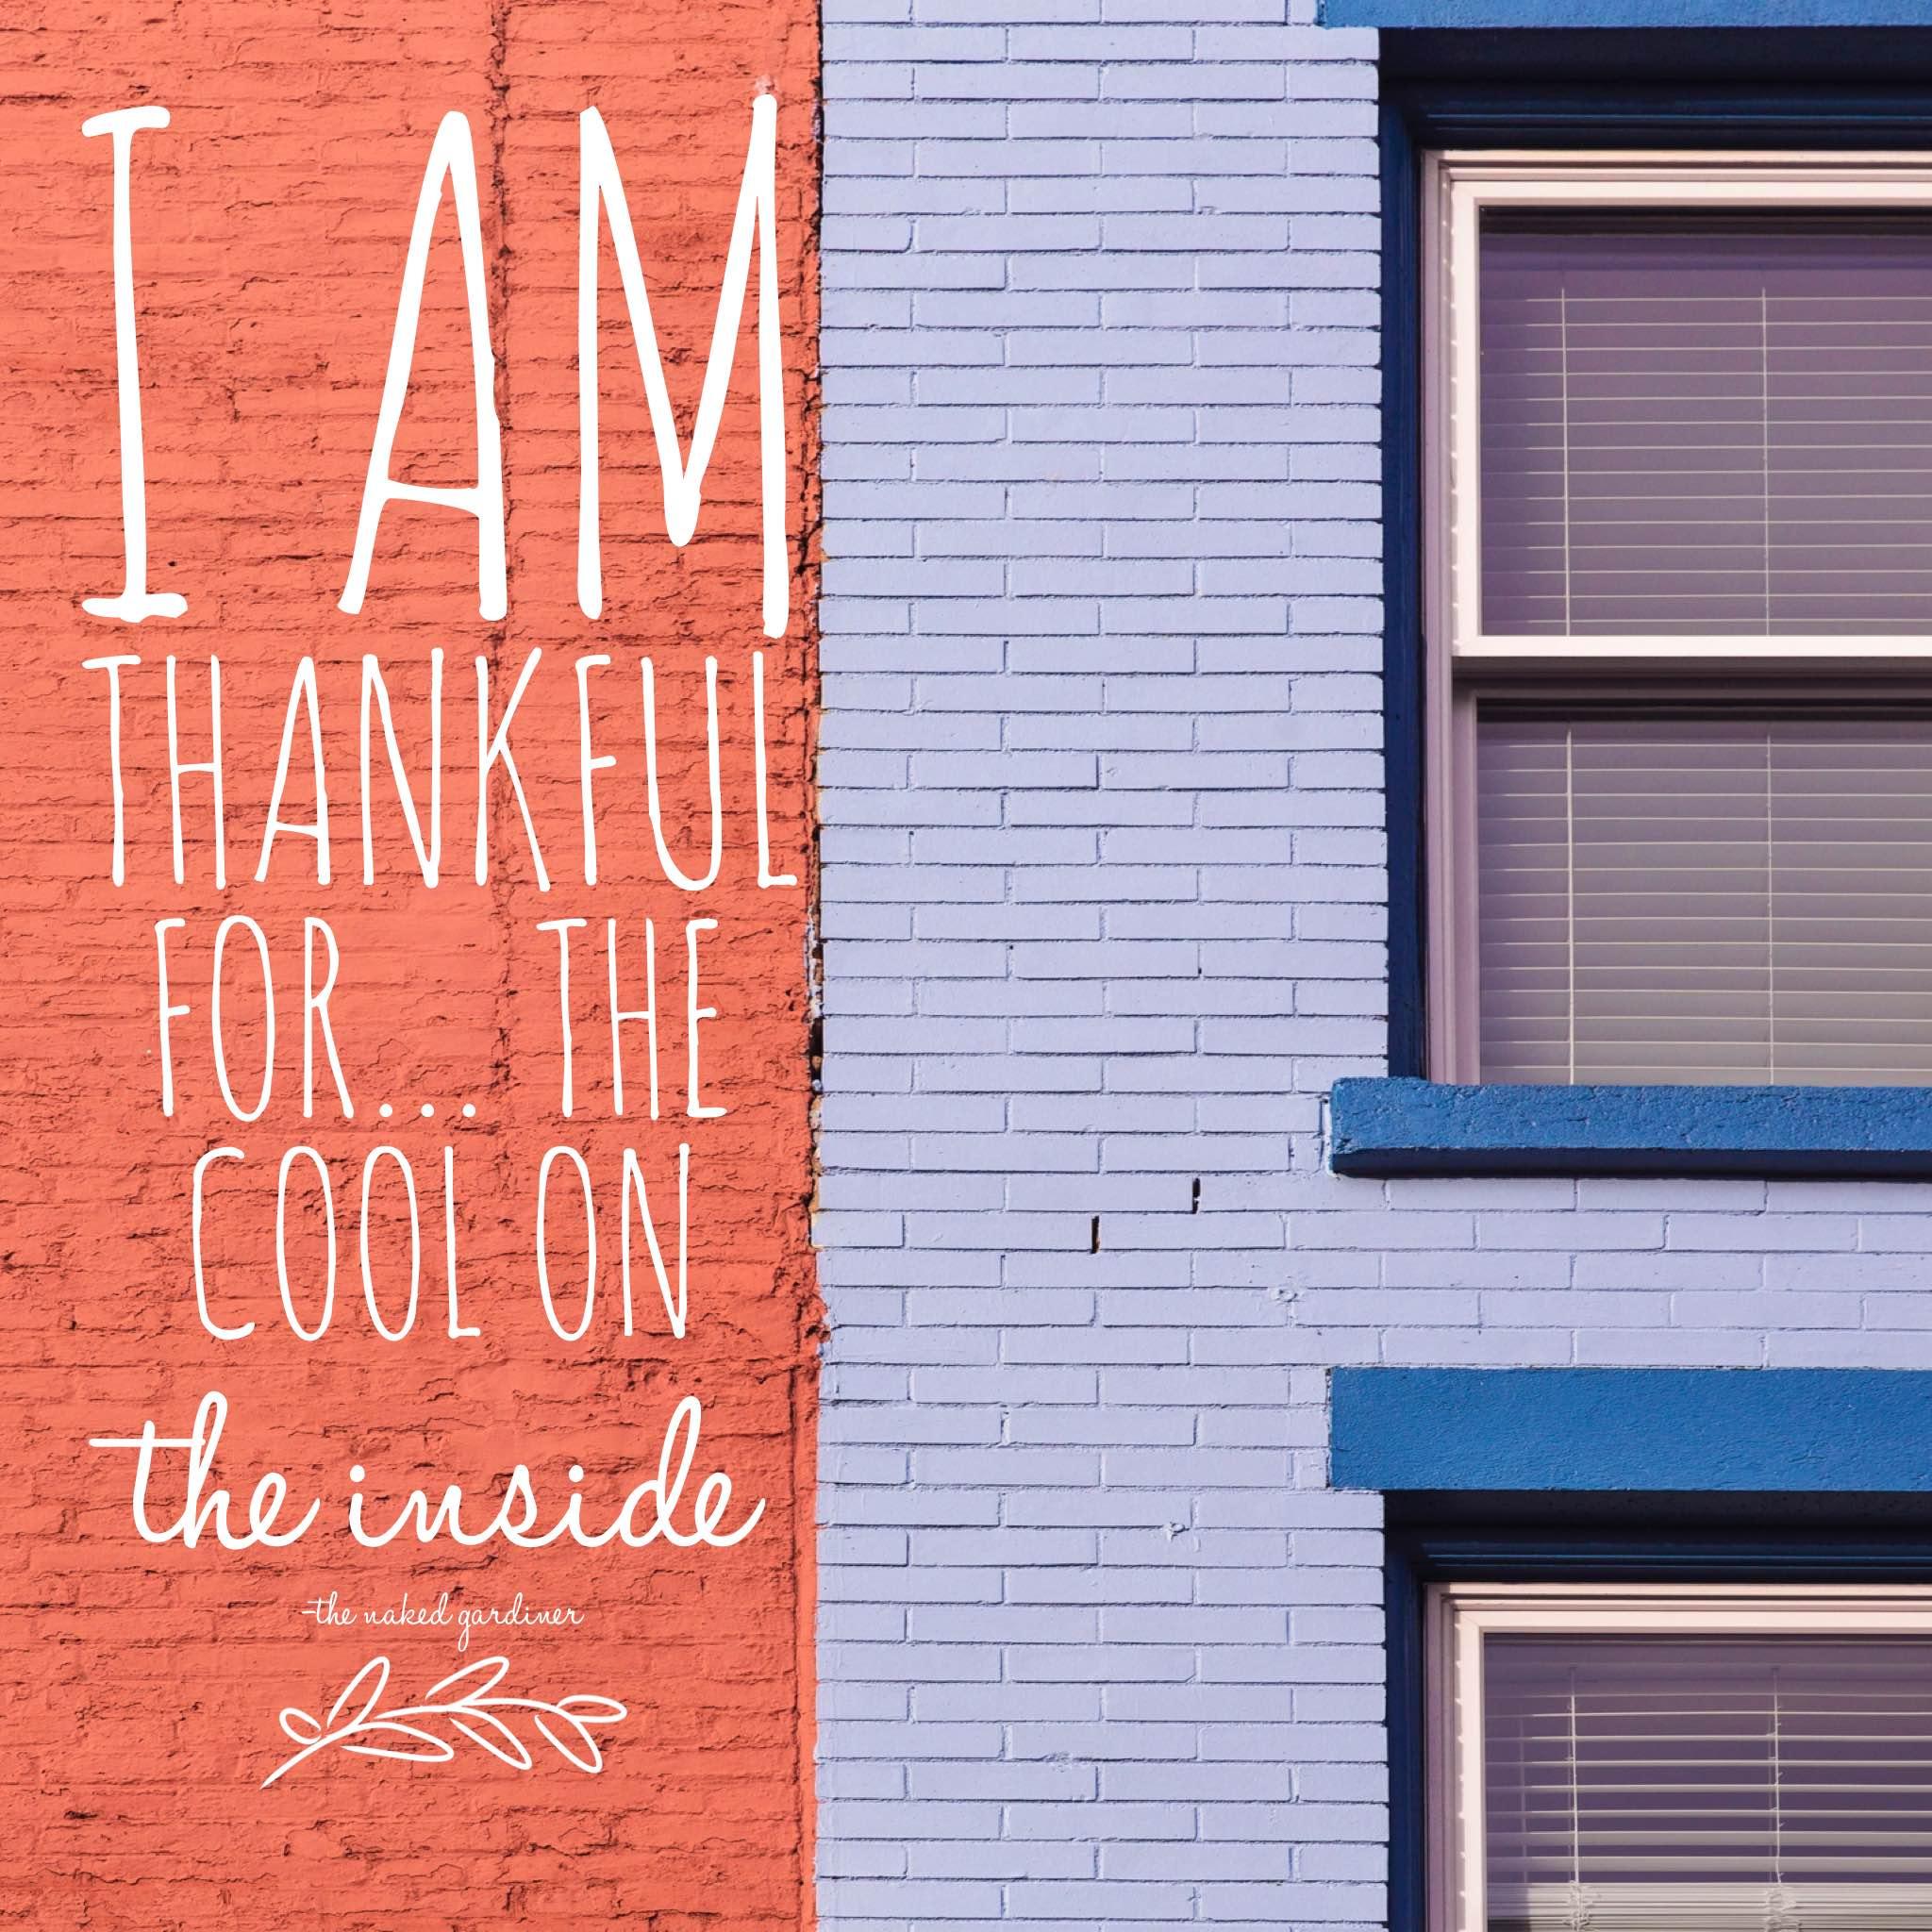 thankful-thursdays-cool-inside-thenakedgardiner